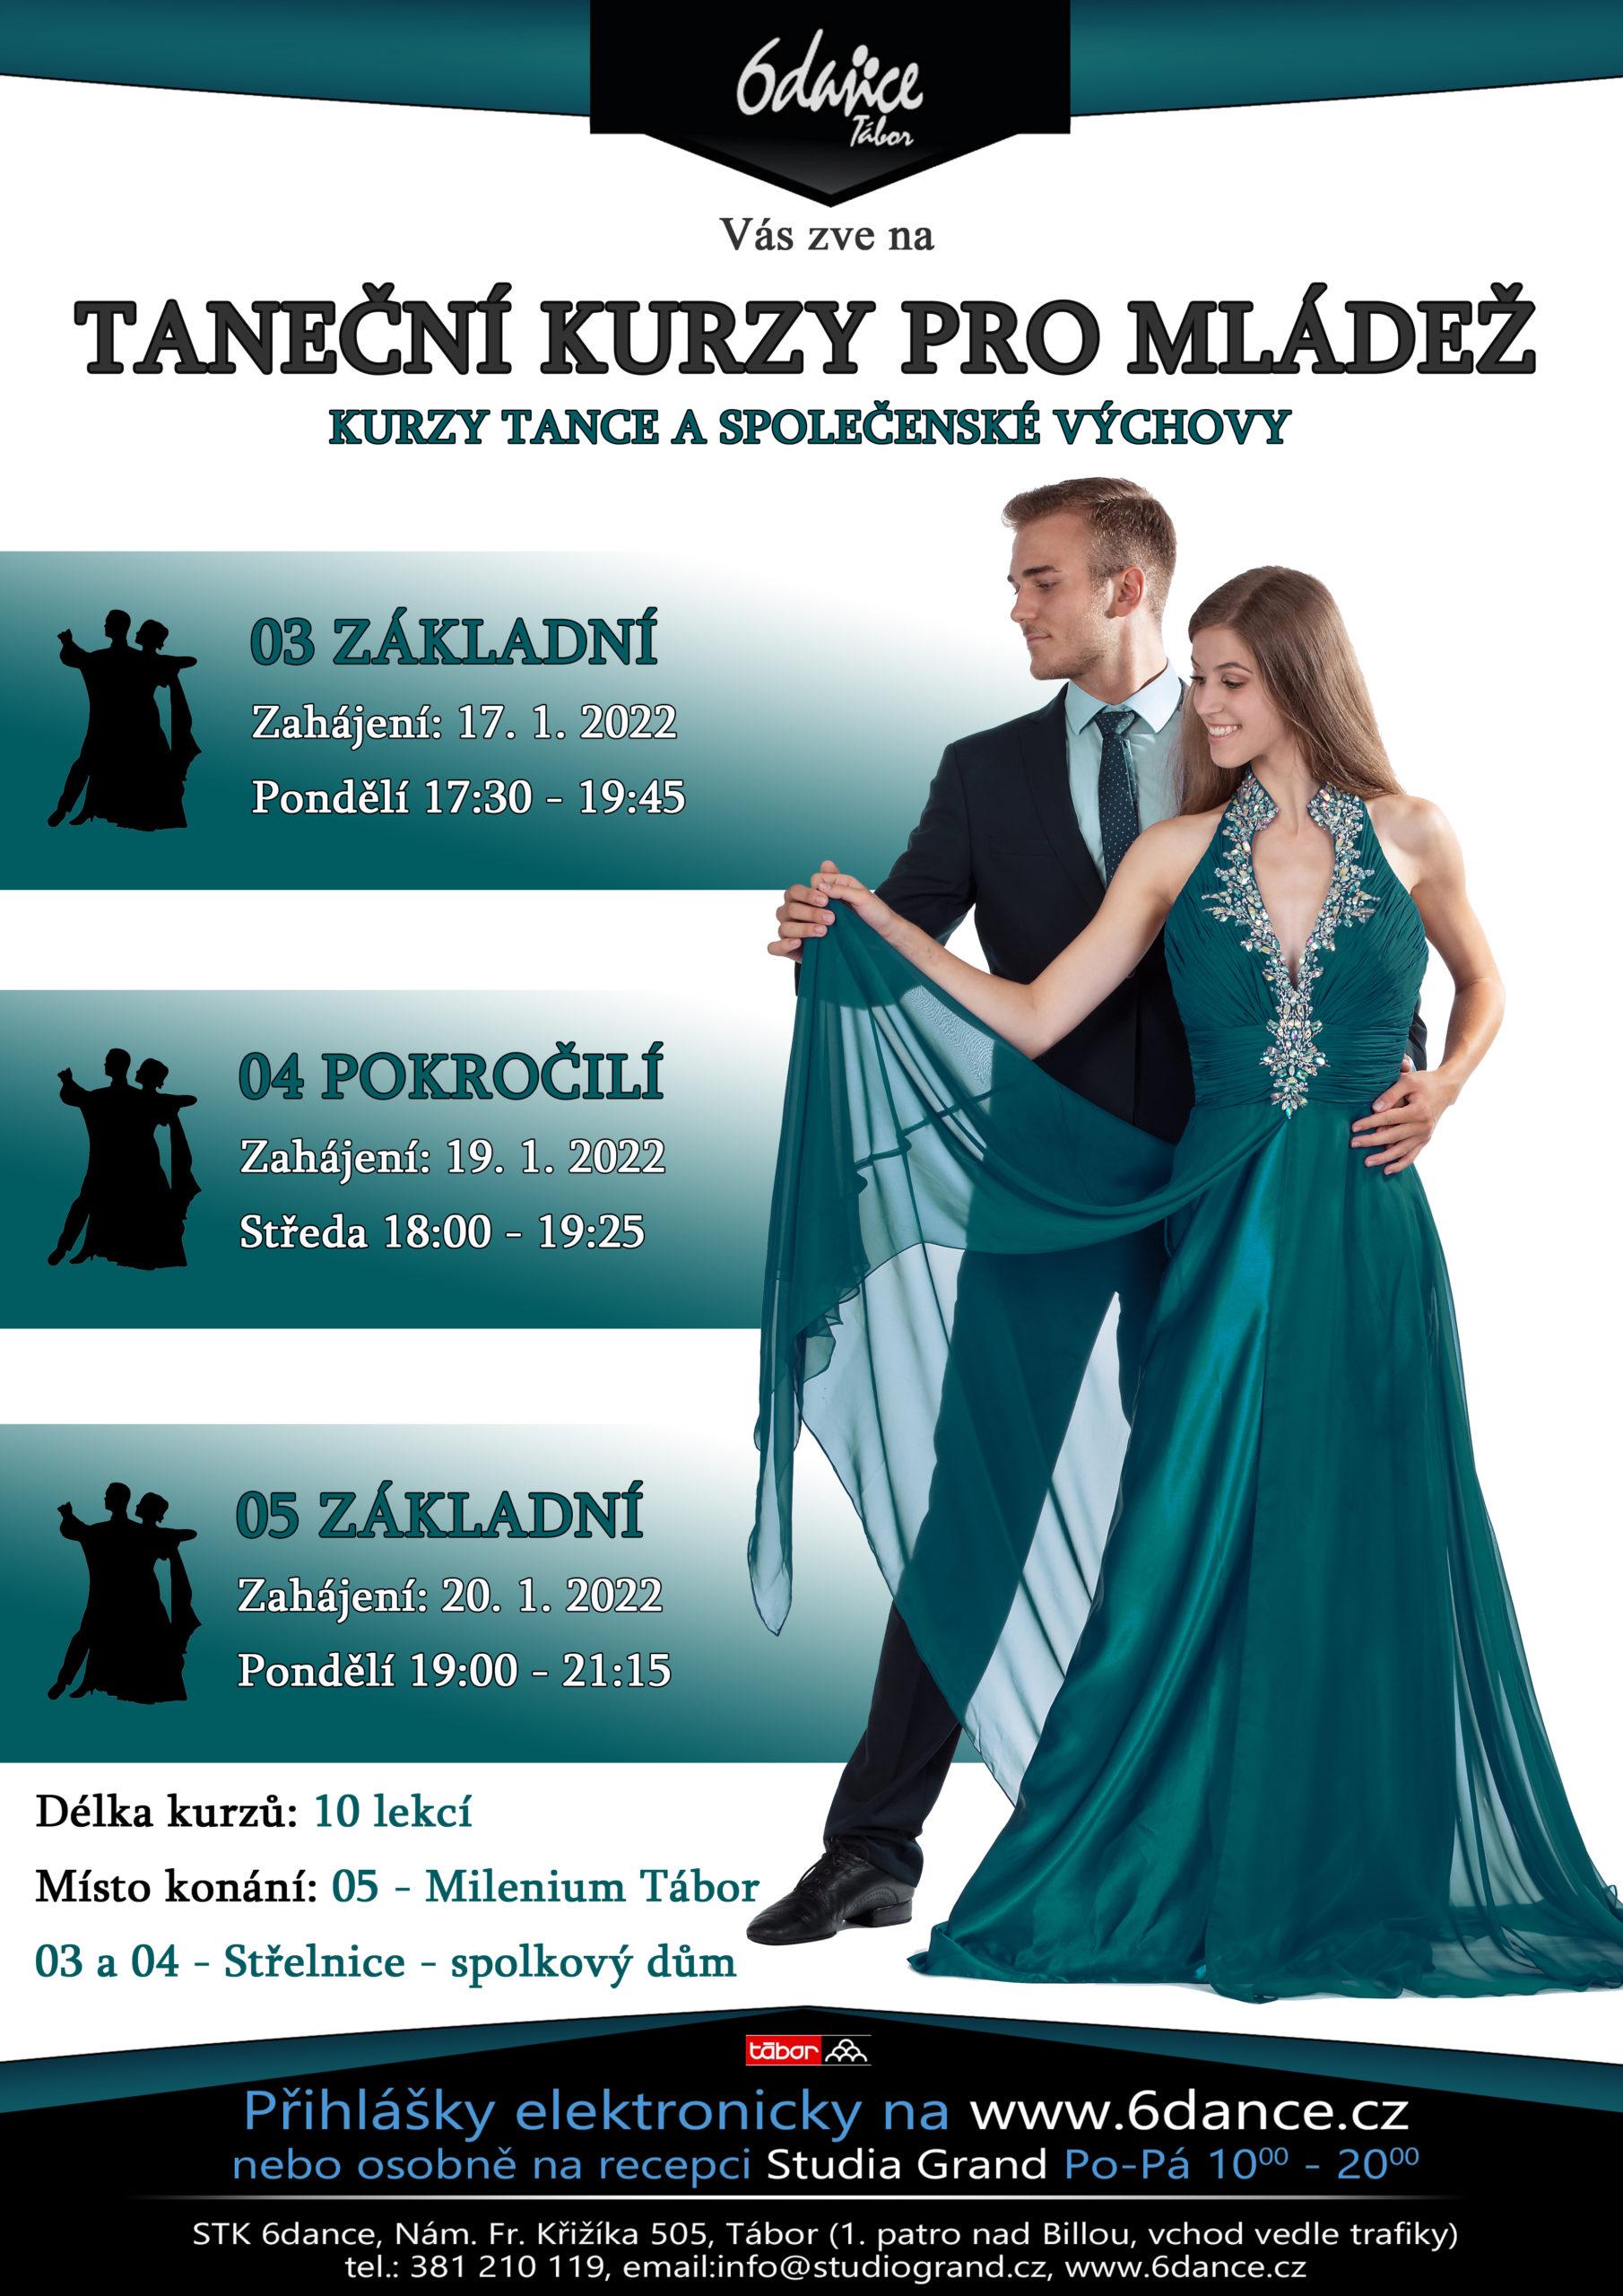 Taneční kurzy pro mládež